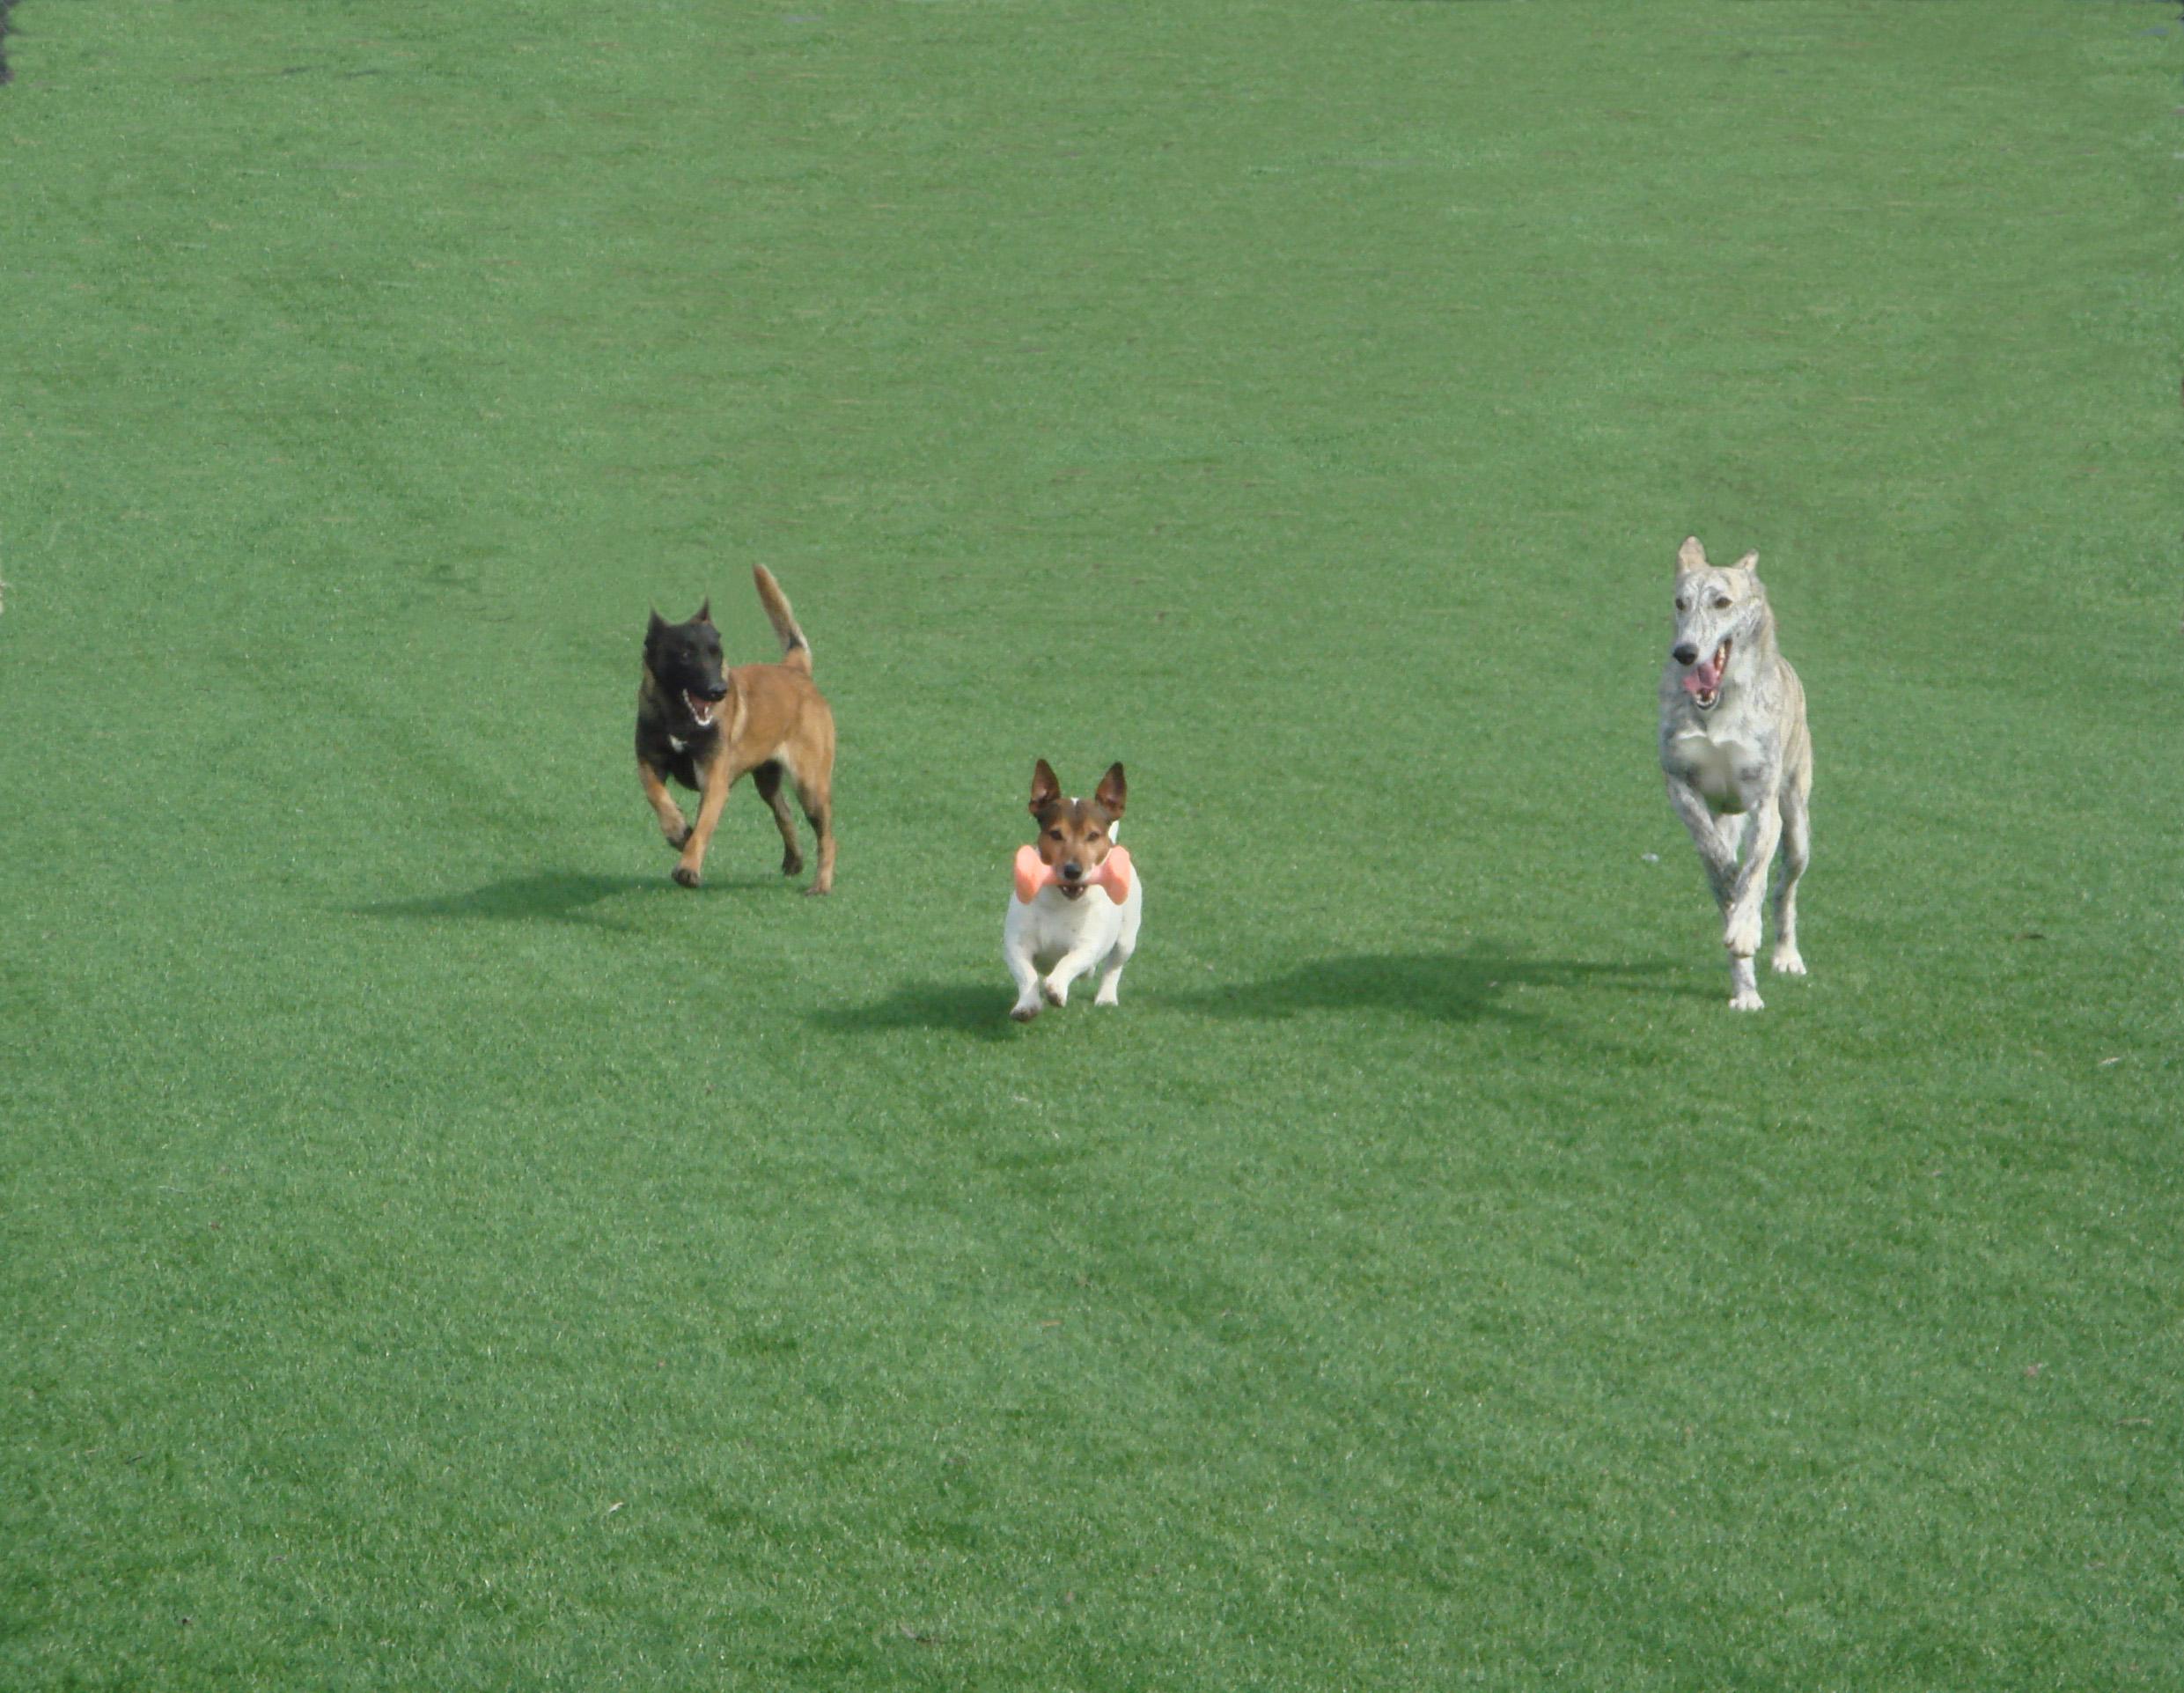 lord-can-galeria-de-fotos-residencia-canina (2)